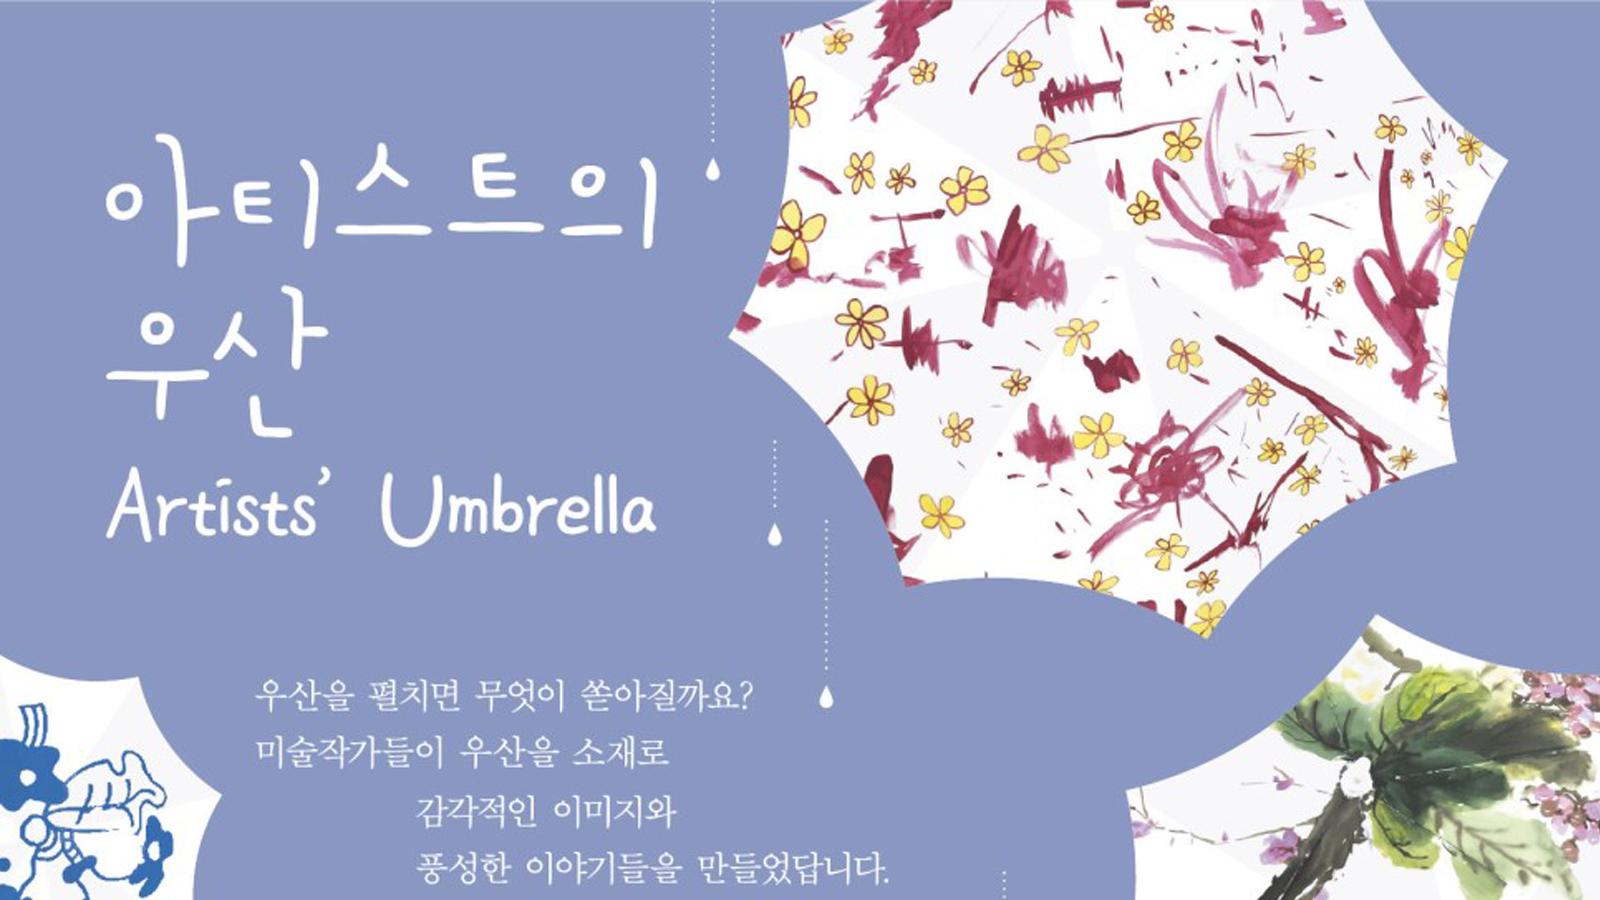 아티스트의 우산 <br>2019.7.12 ~  가나아트파크 (경기 양주시)